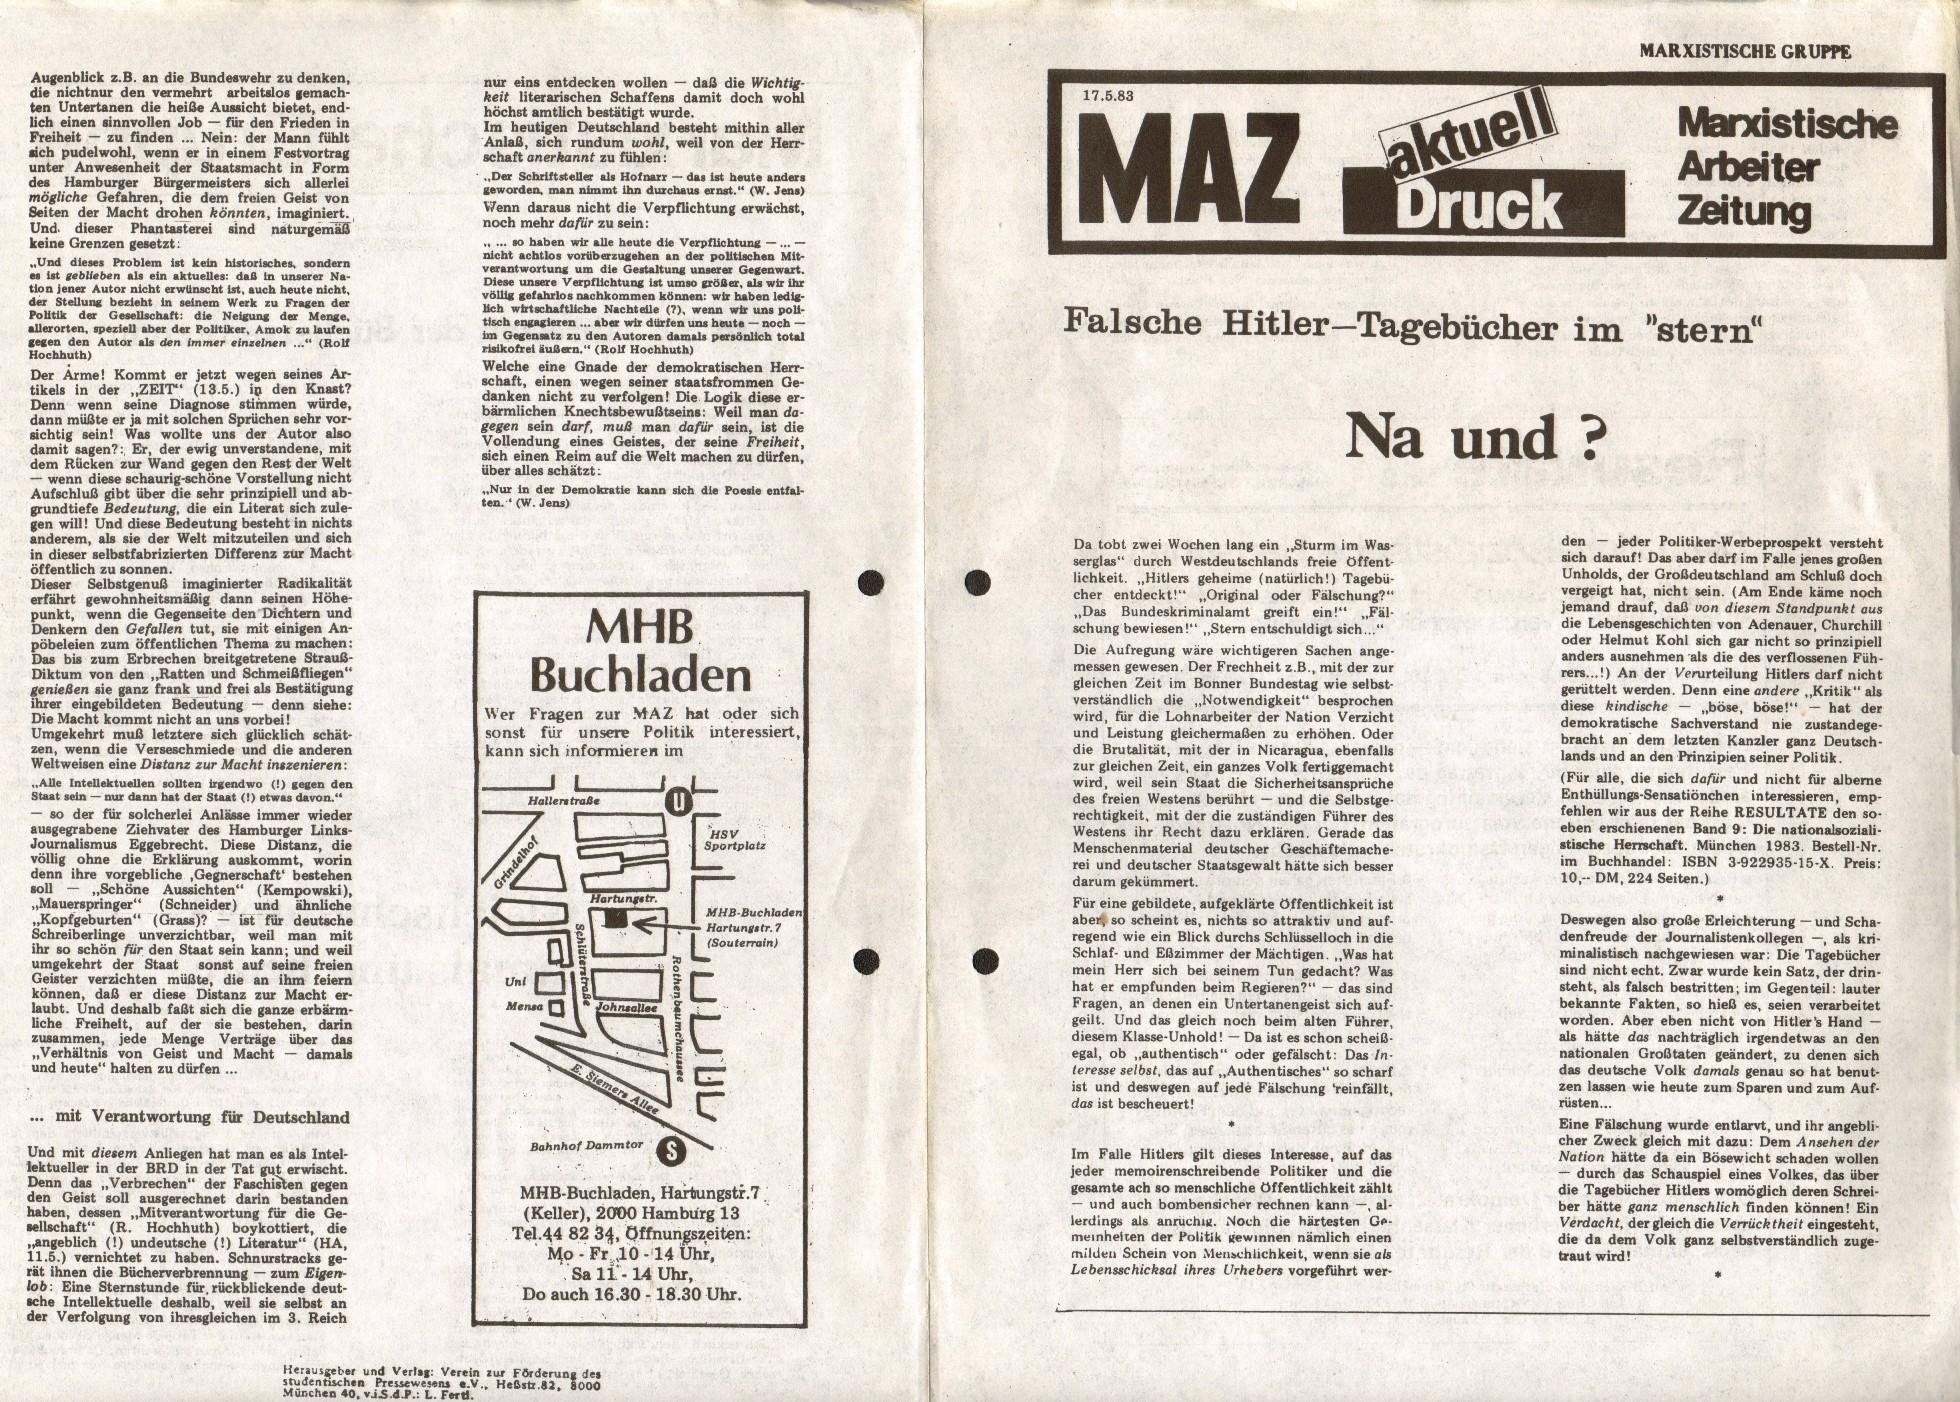 Hamburg_MG_MAZ_Druck_19830517_aktuell_01